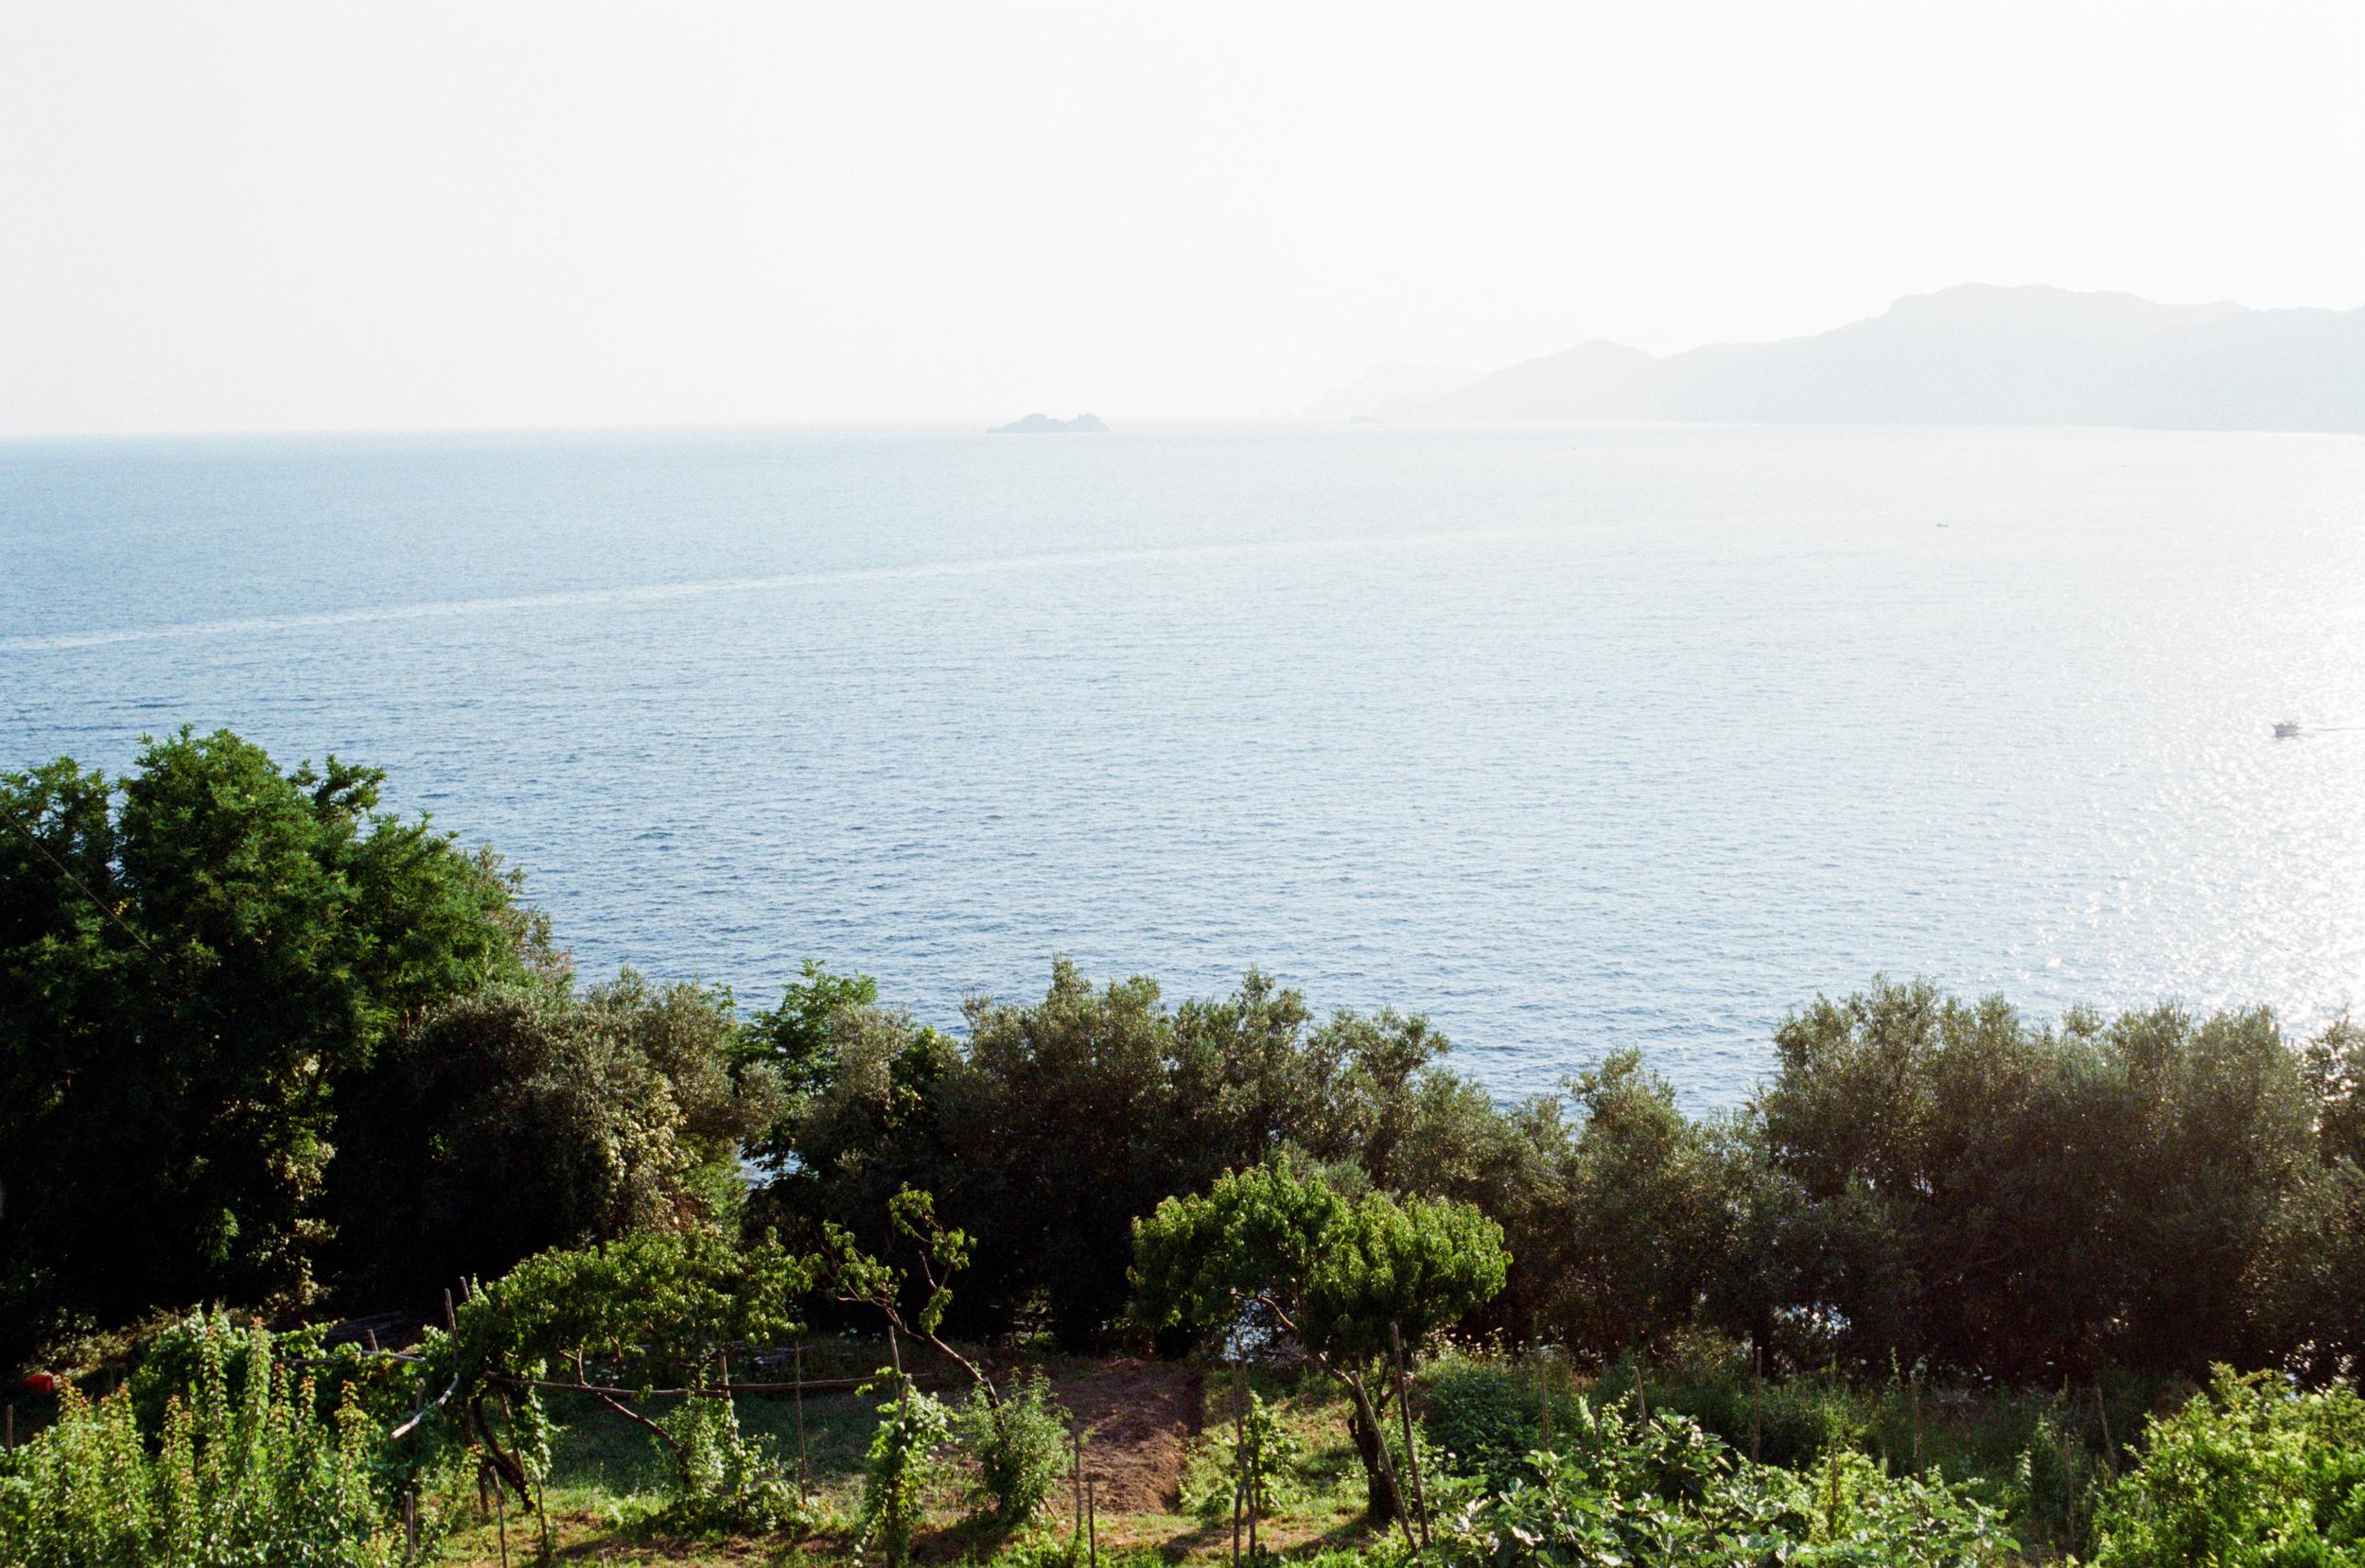 praiano-0008.jpg